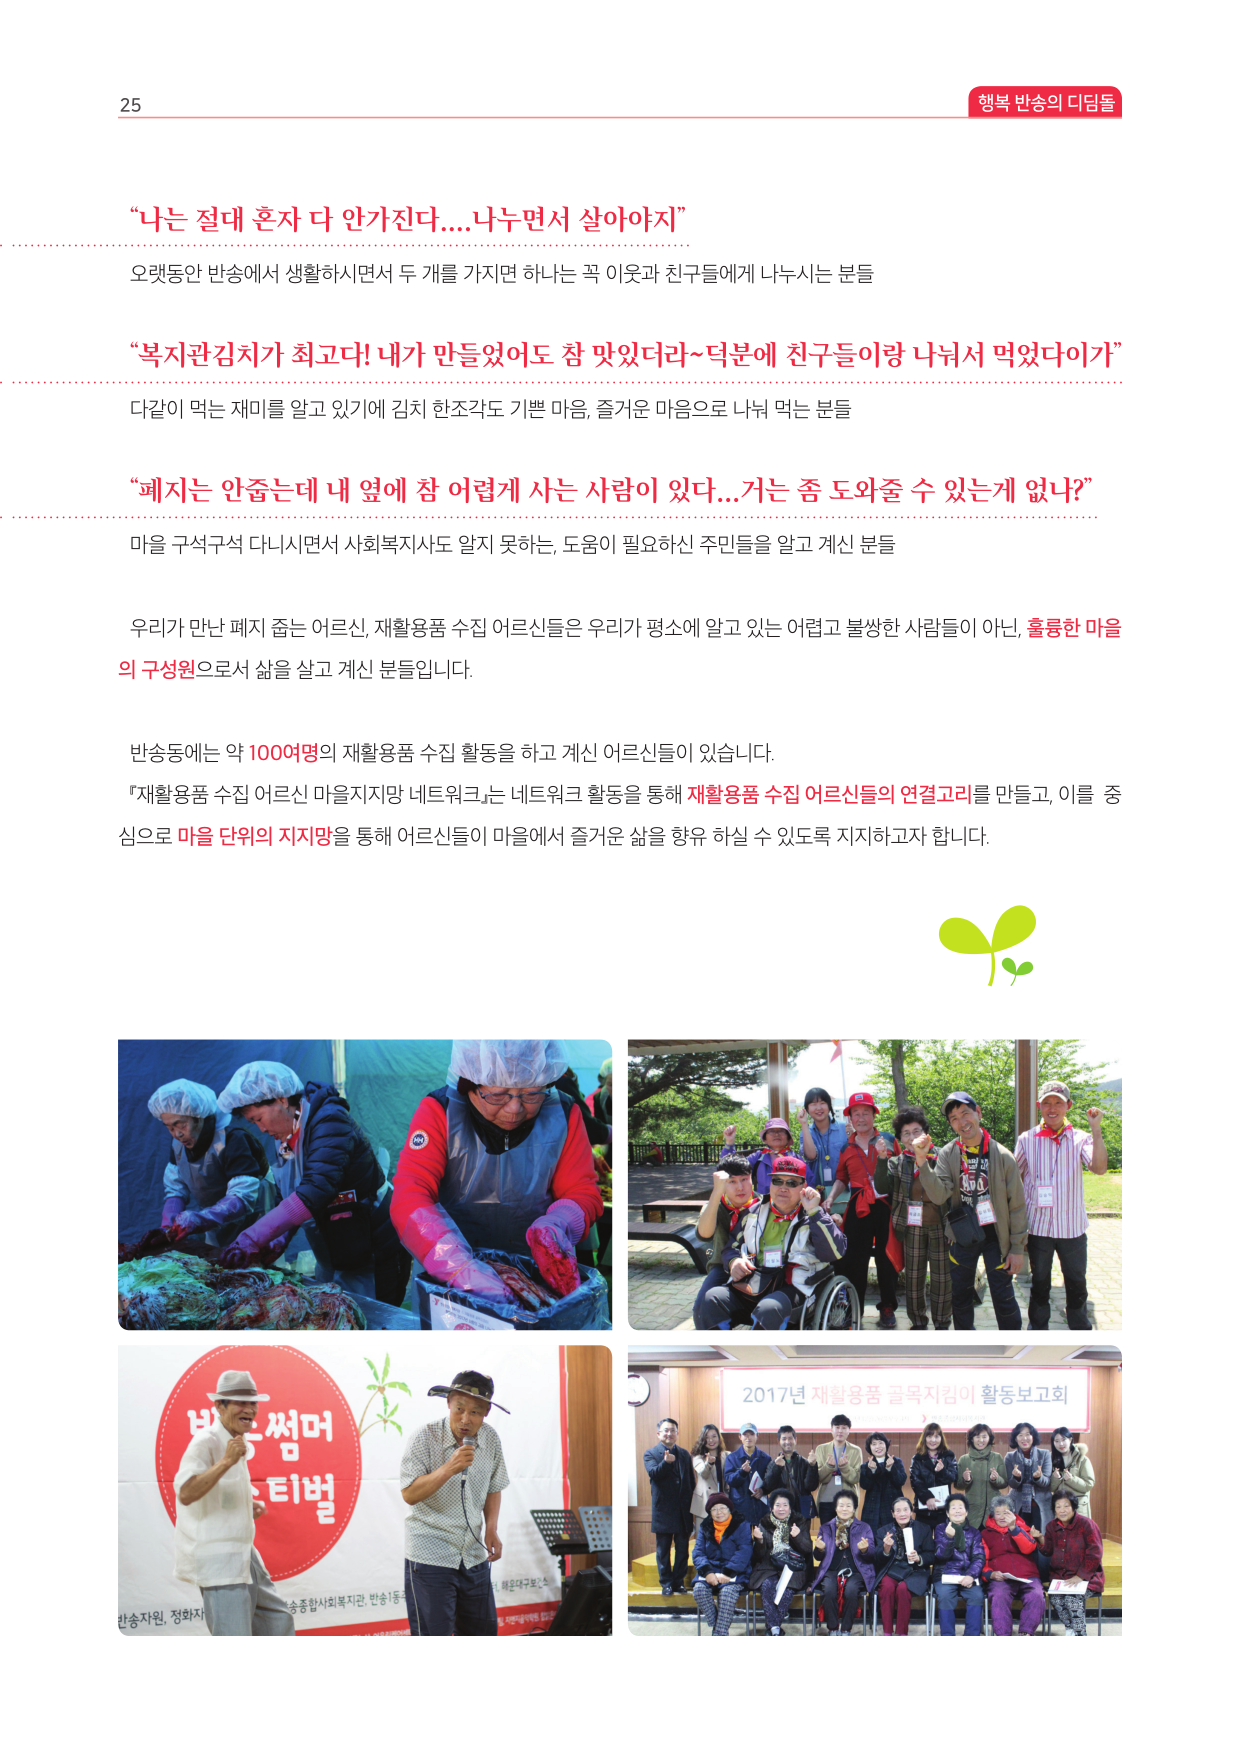 반송종합사회복지관연간소식지(2017)-25.jpg